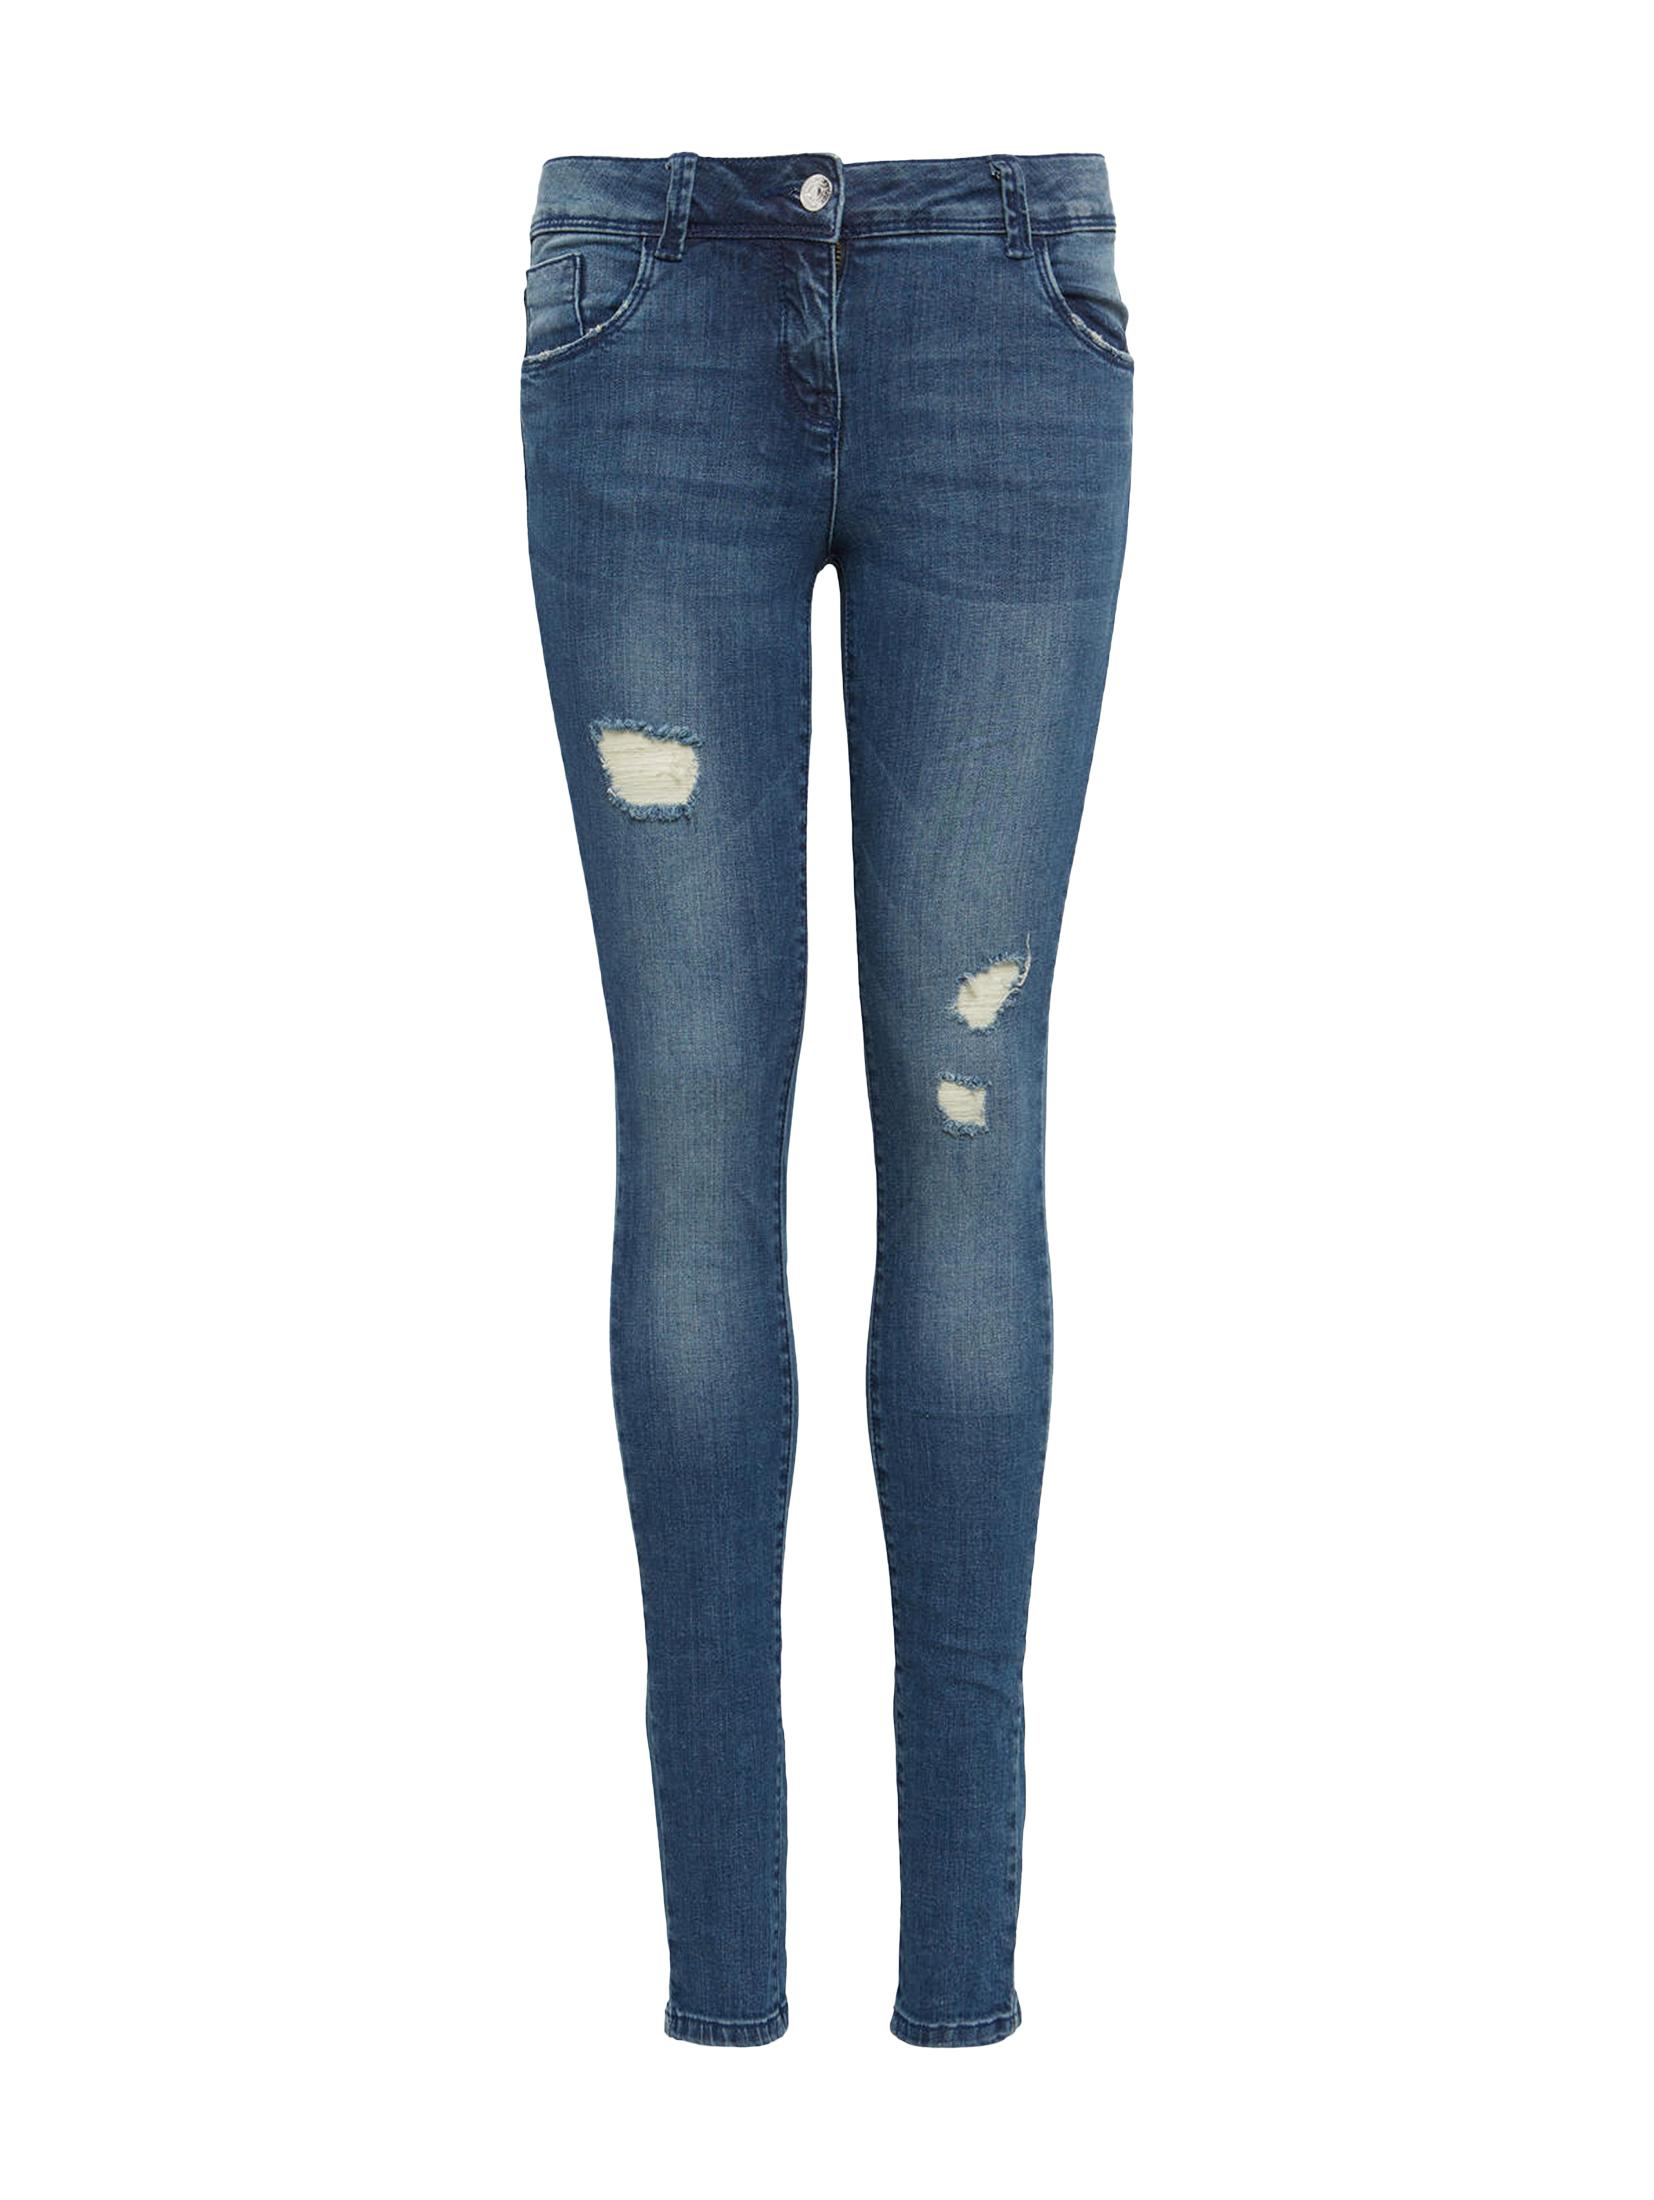 Jeans uni long  LINLY, stone blue denim-denim